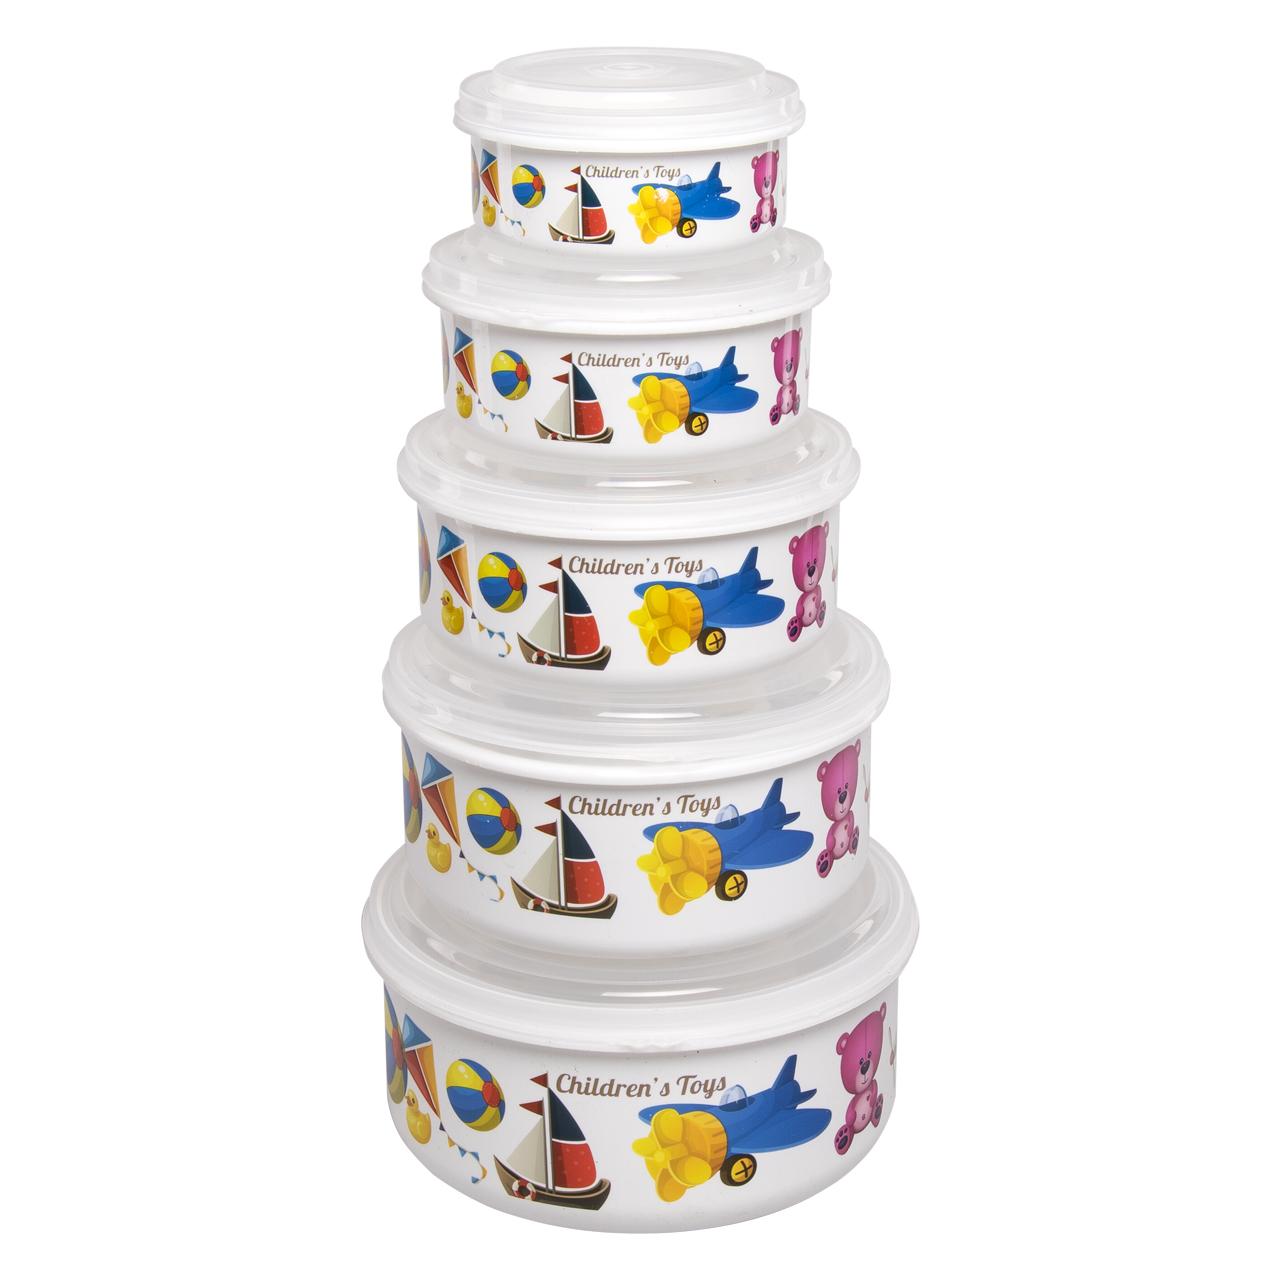 ظروف نگهدارنده غذای کودک فرش کیپس کد 3013  بسته 5 عددی